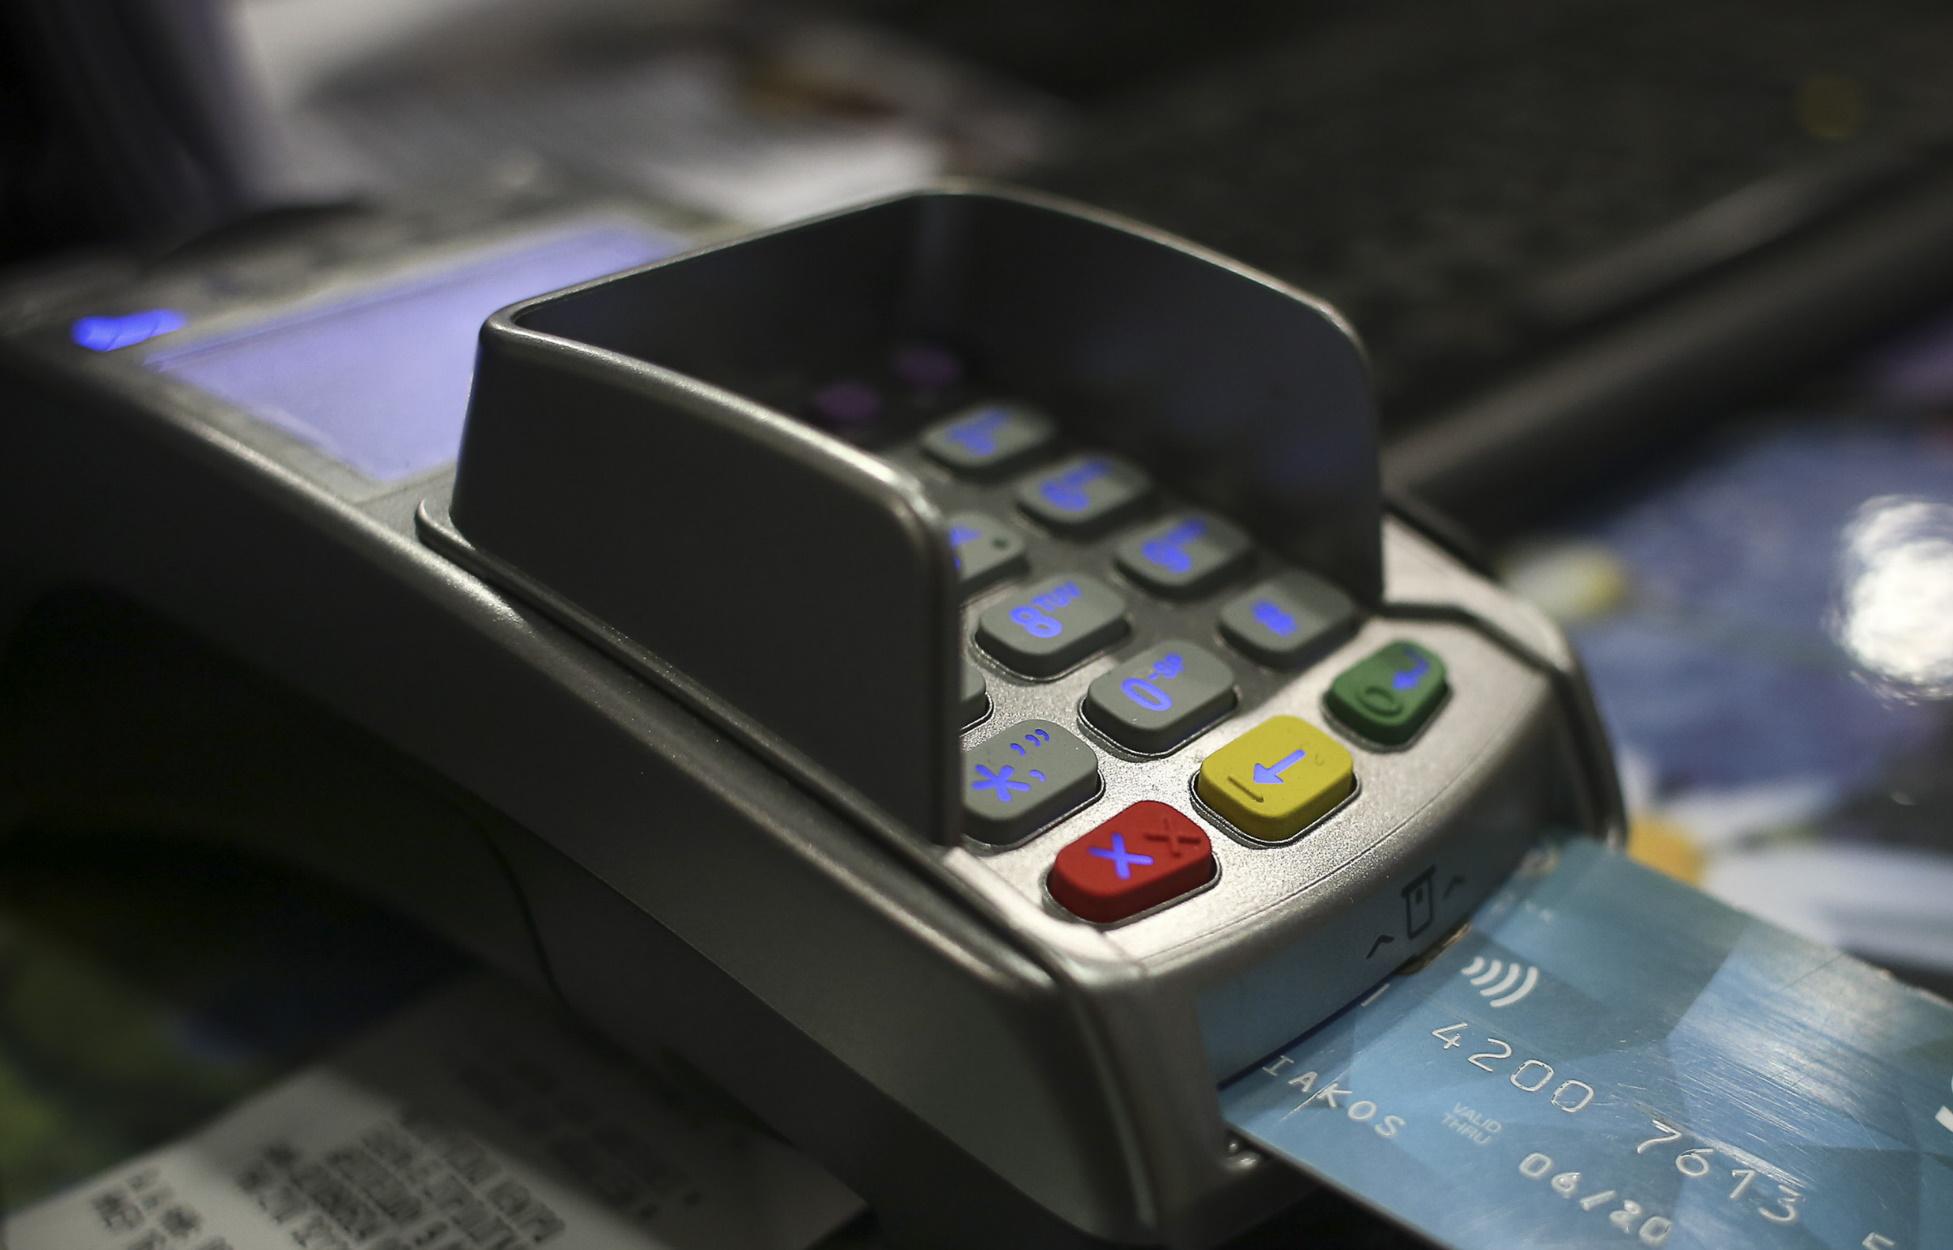 Τι αλλάζει στο όριο για τις ανέπαφες συναλλαγές χωρίς PIN